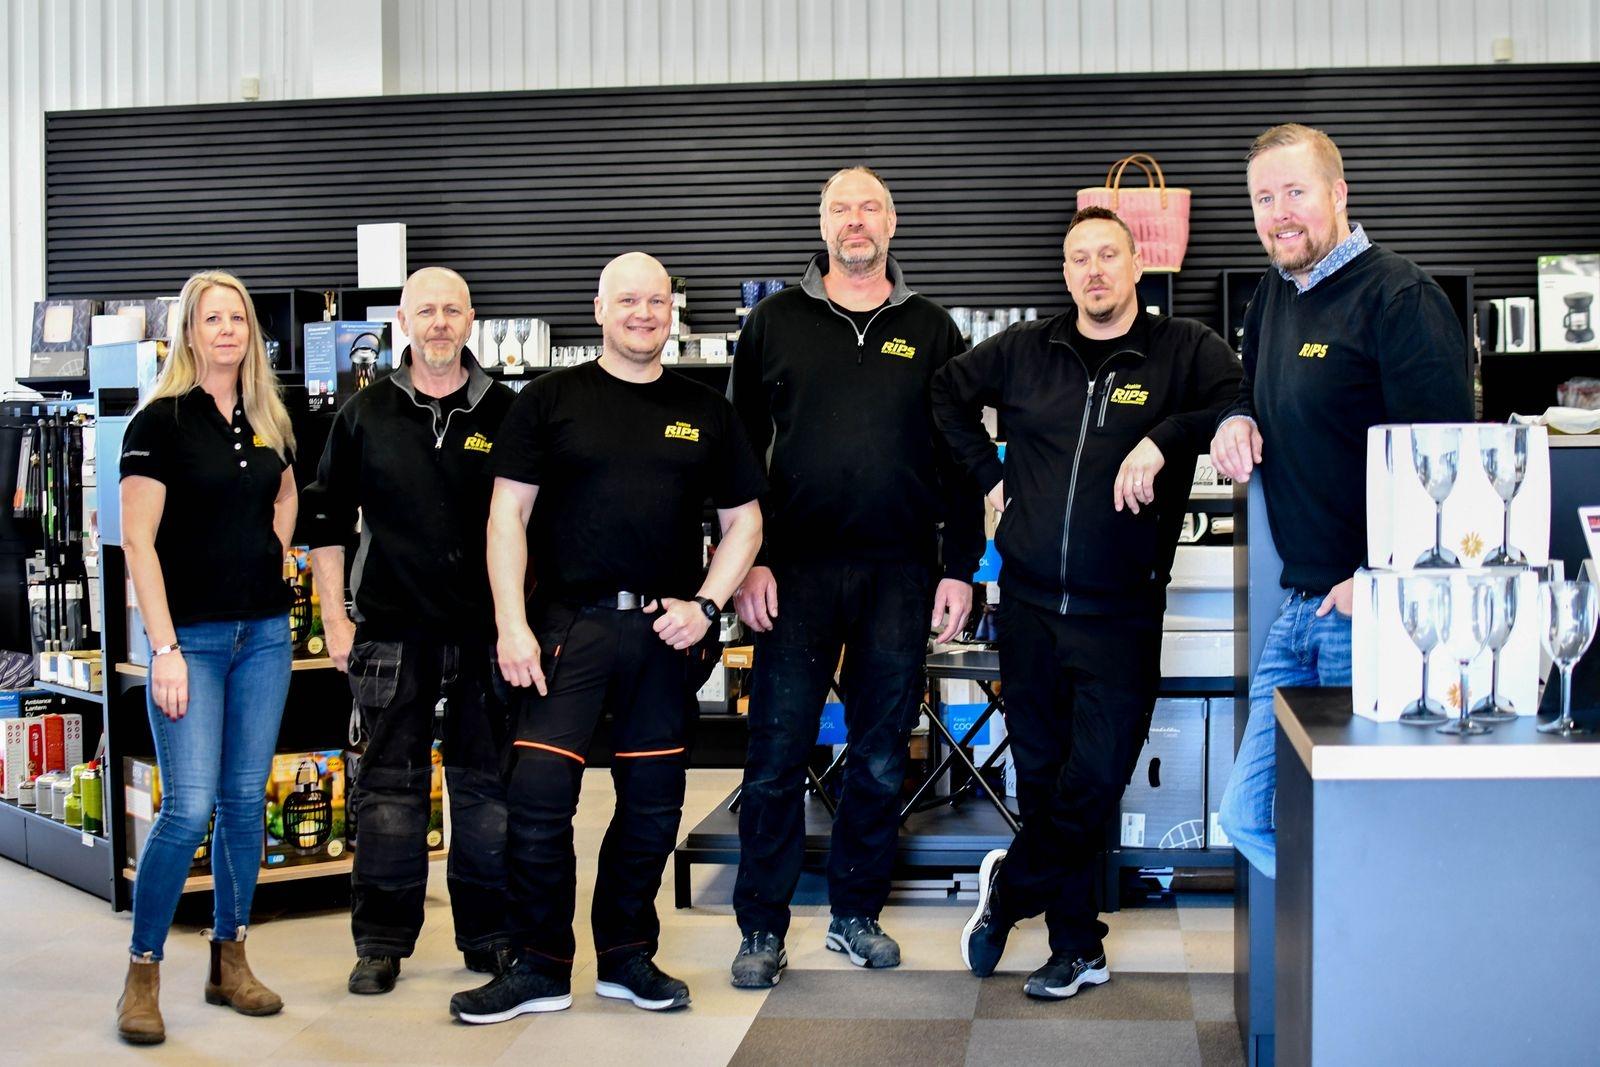 """""""Företagets styrka ligger i medarbetarna, det är ett jättebra gäng och vi har väldigt roligt tillsammans"""", säger Martin Wirén (t.hö. i bild)."""